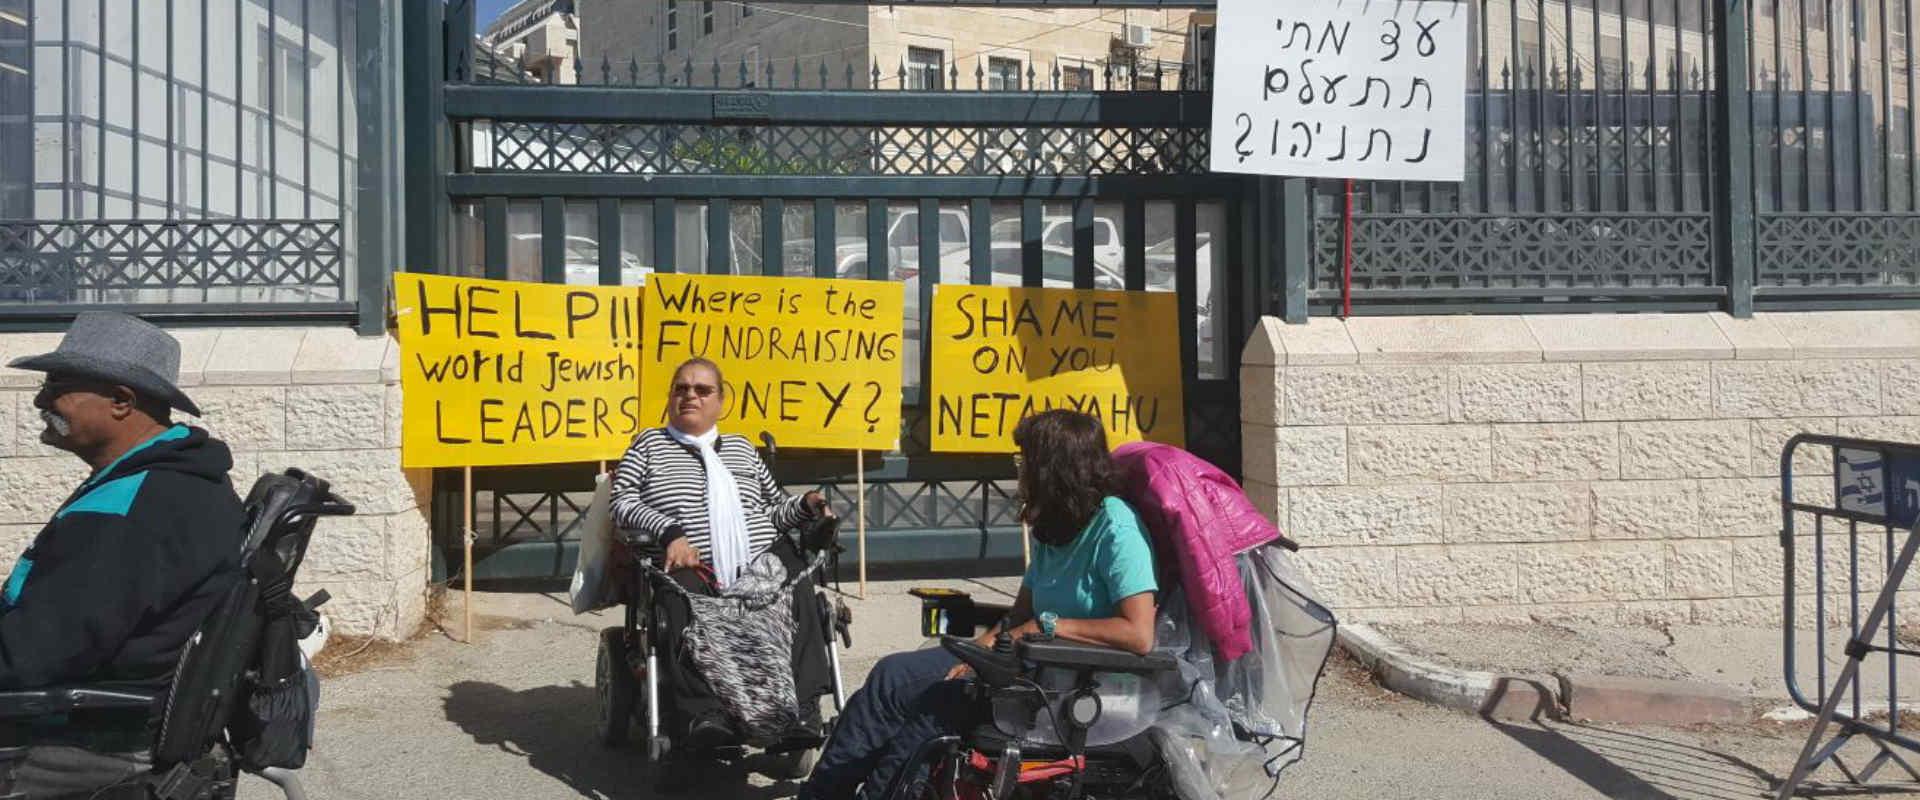 נכים מפגינים בירושלים, הבוקר